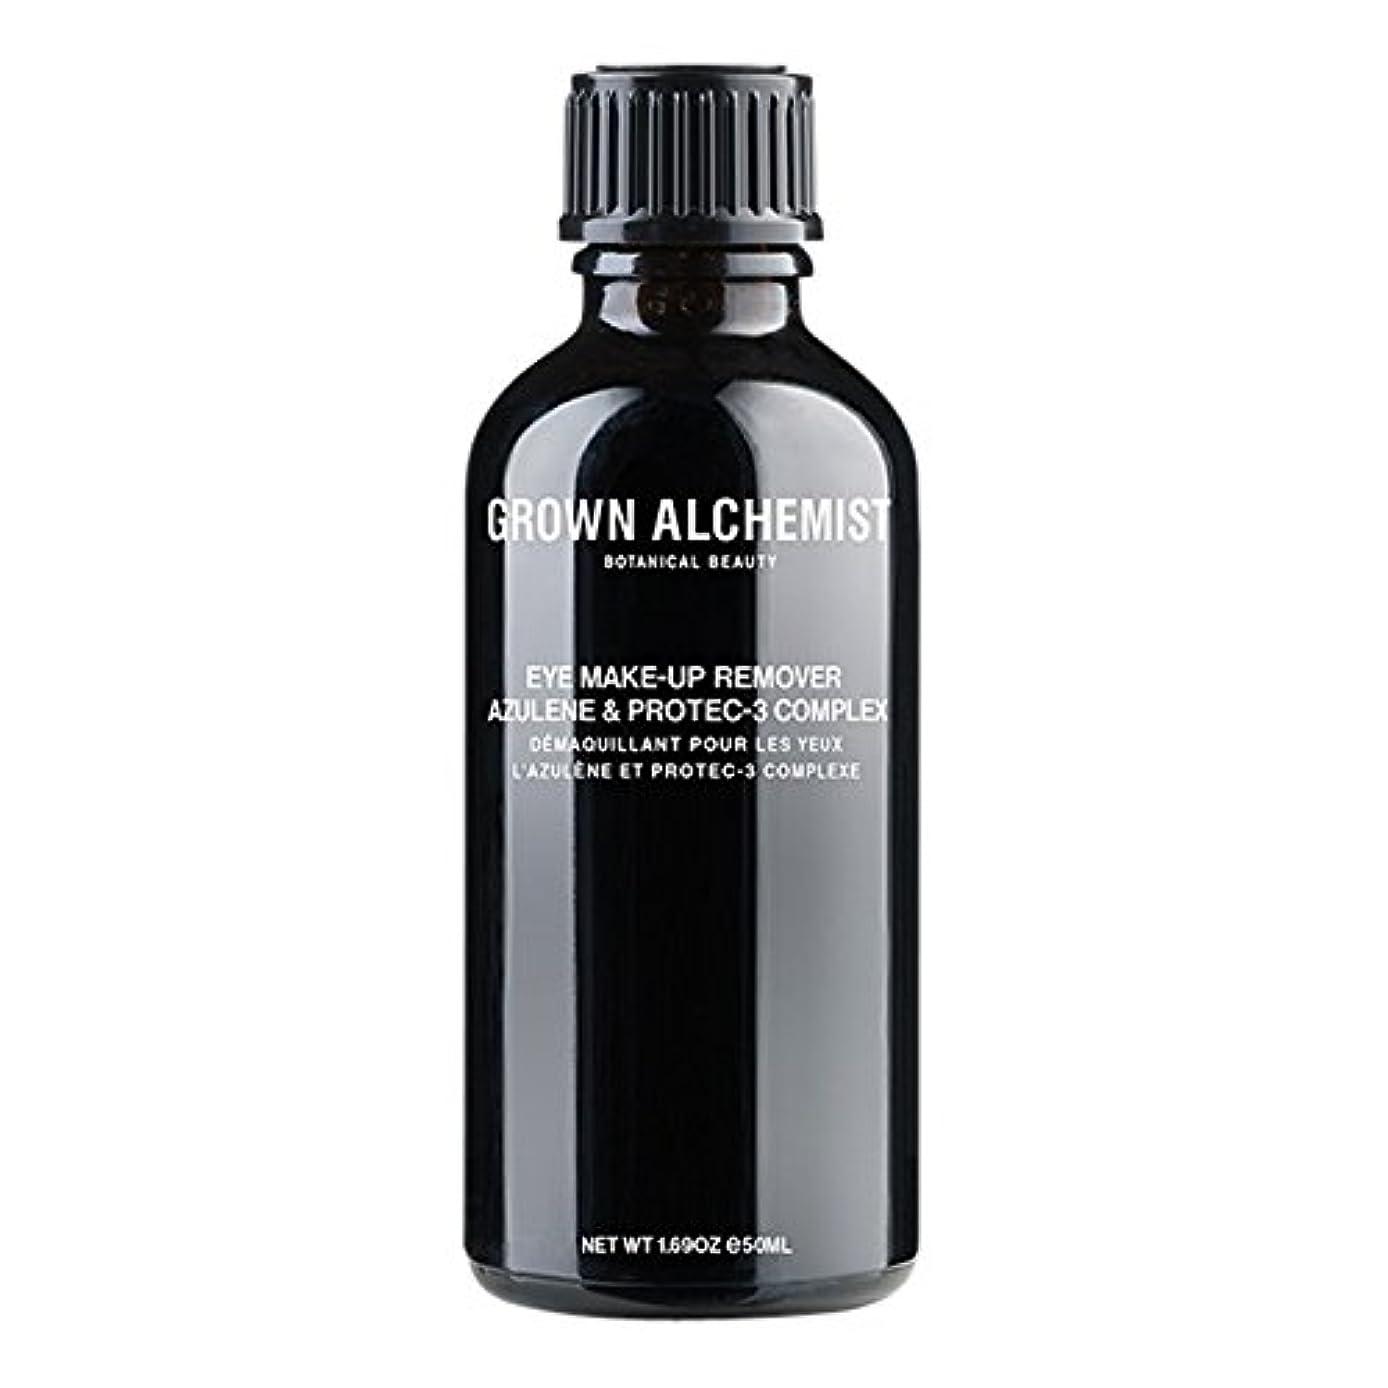 有害な投げ捨てるラダ成長した錬金術師アズレン&Protec-3アイメイクアップリムーバーの50ミリリットル (Grown Alchemist) (x2) - Grown Alchemist Azulene & Protec-3 Eye-Makeup...